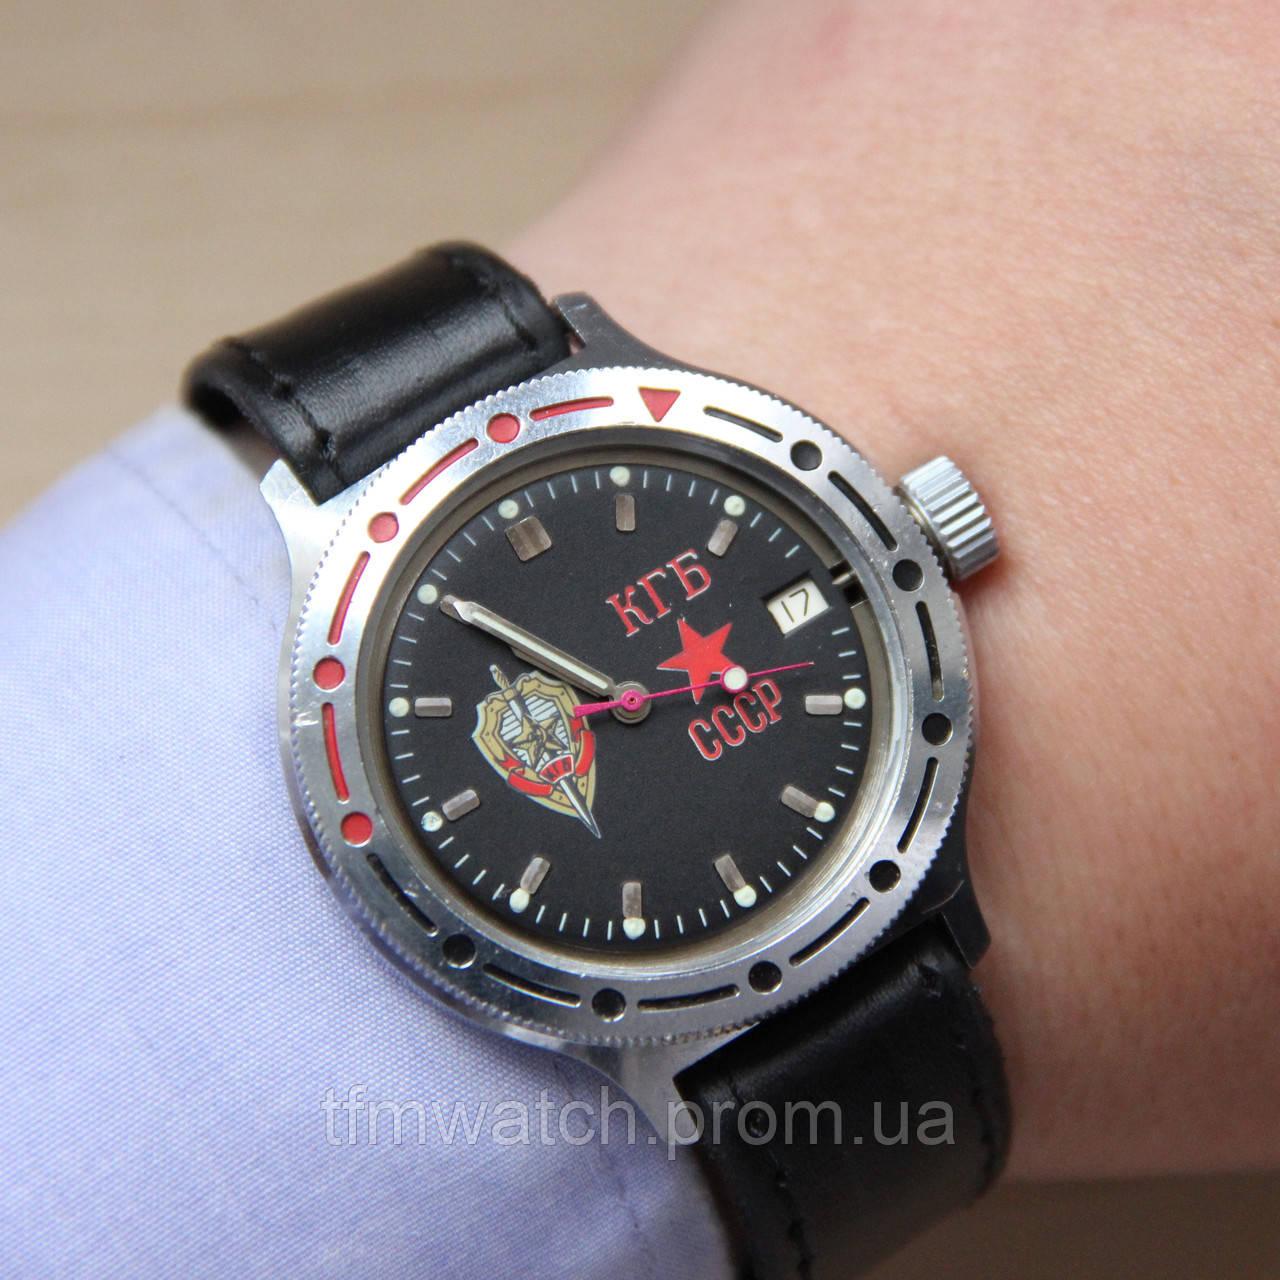 Какие часы купить с автоподзаводом где купить часы стикеры